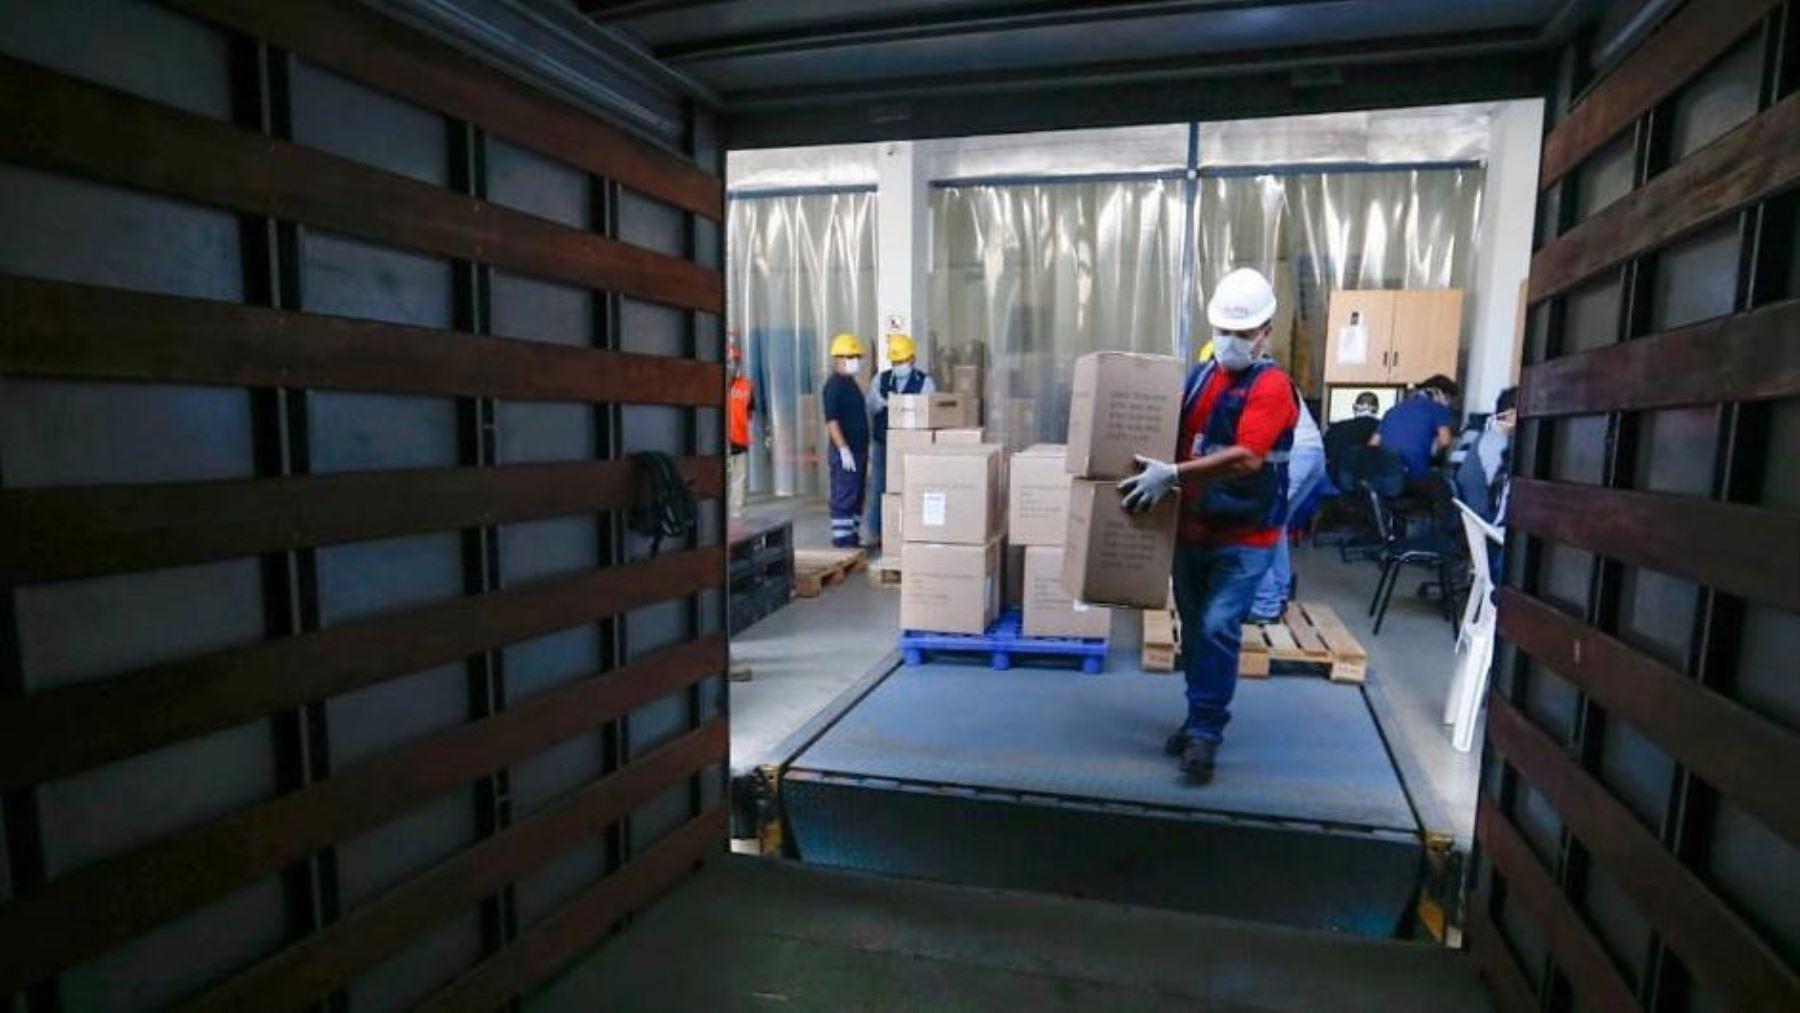 Coronavirus: Minsa distribuye más de 34 toneladas de suministros médicos a Lima y regiones. Foto: ANDINA/Difusión.